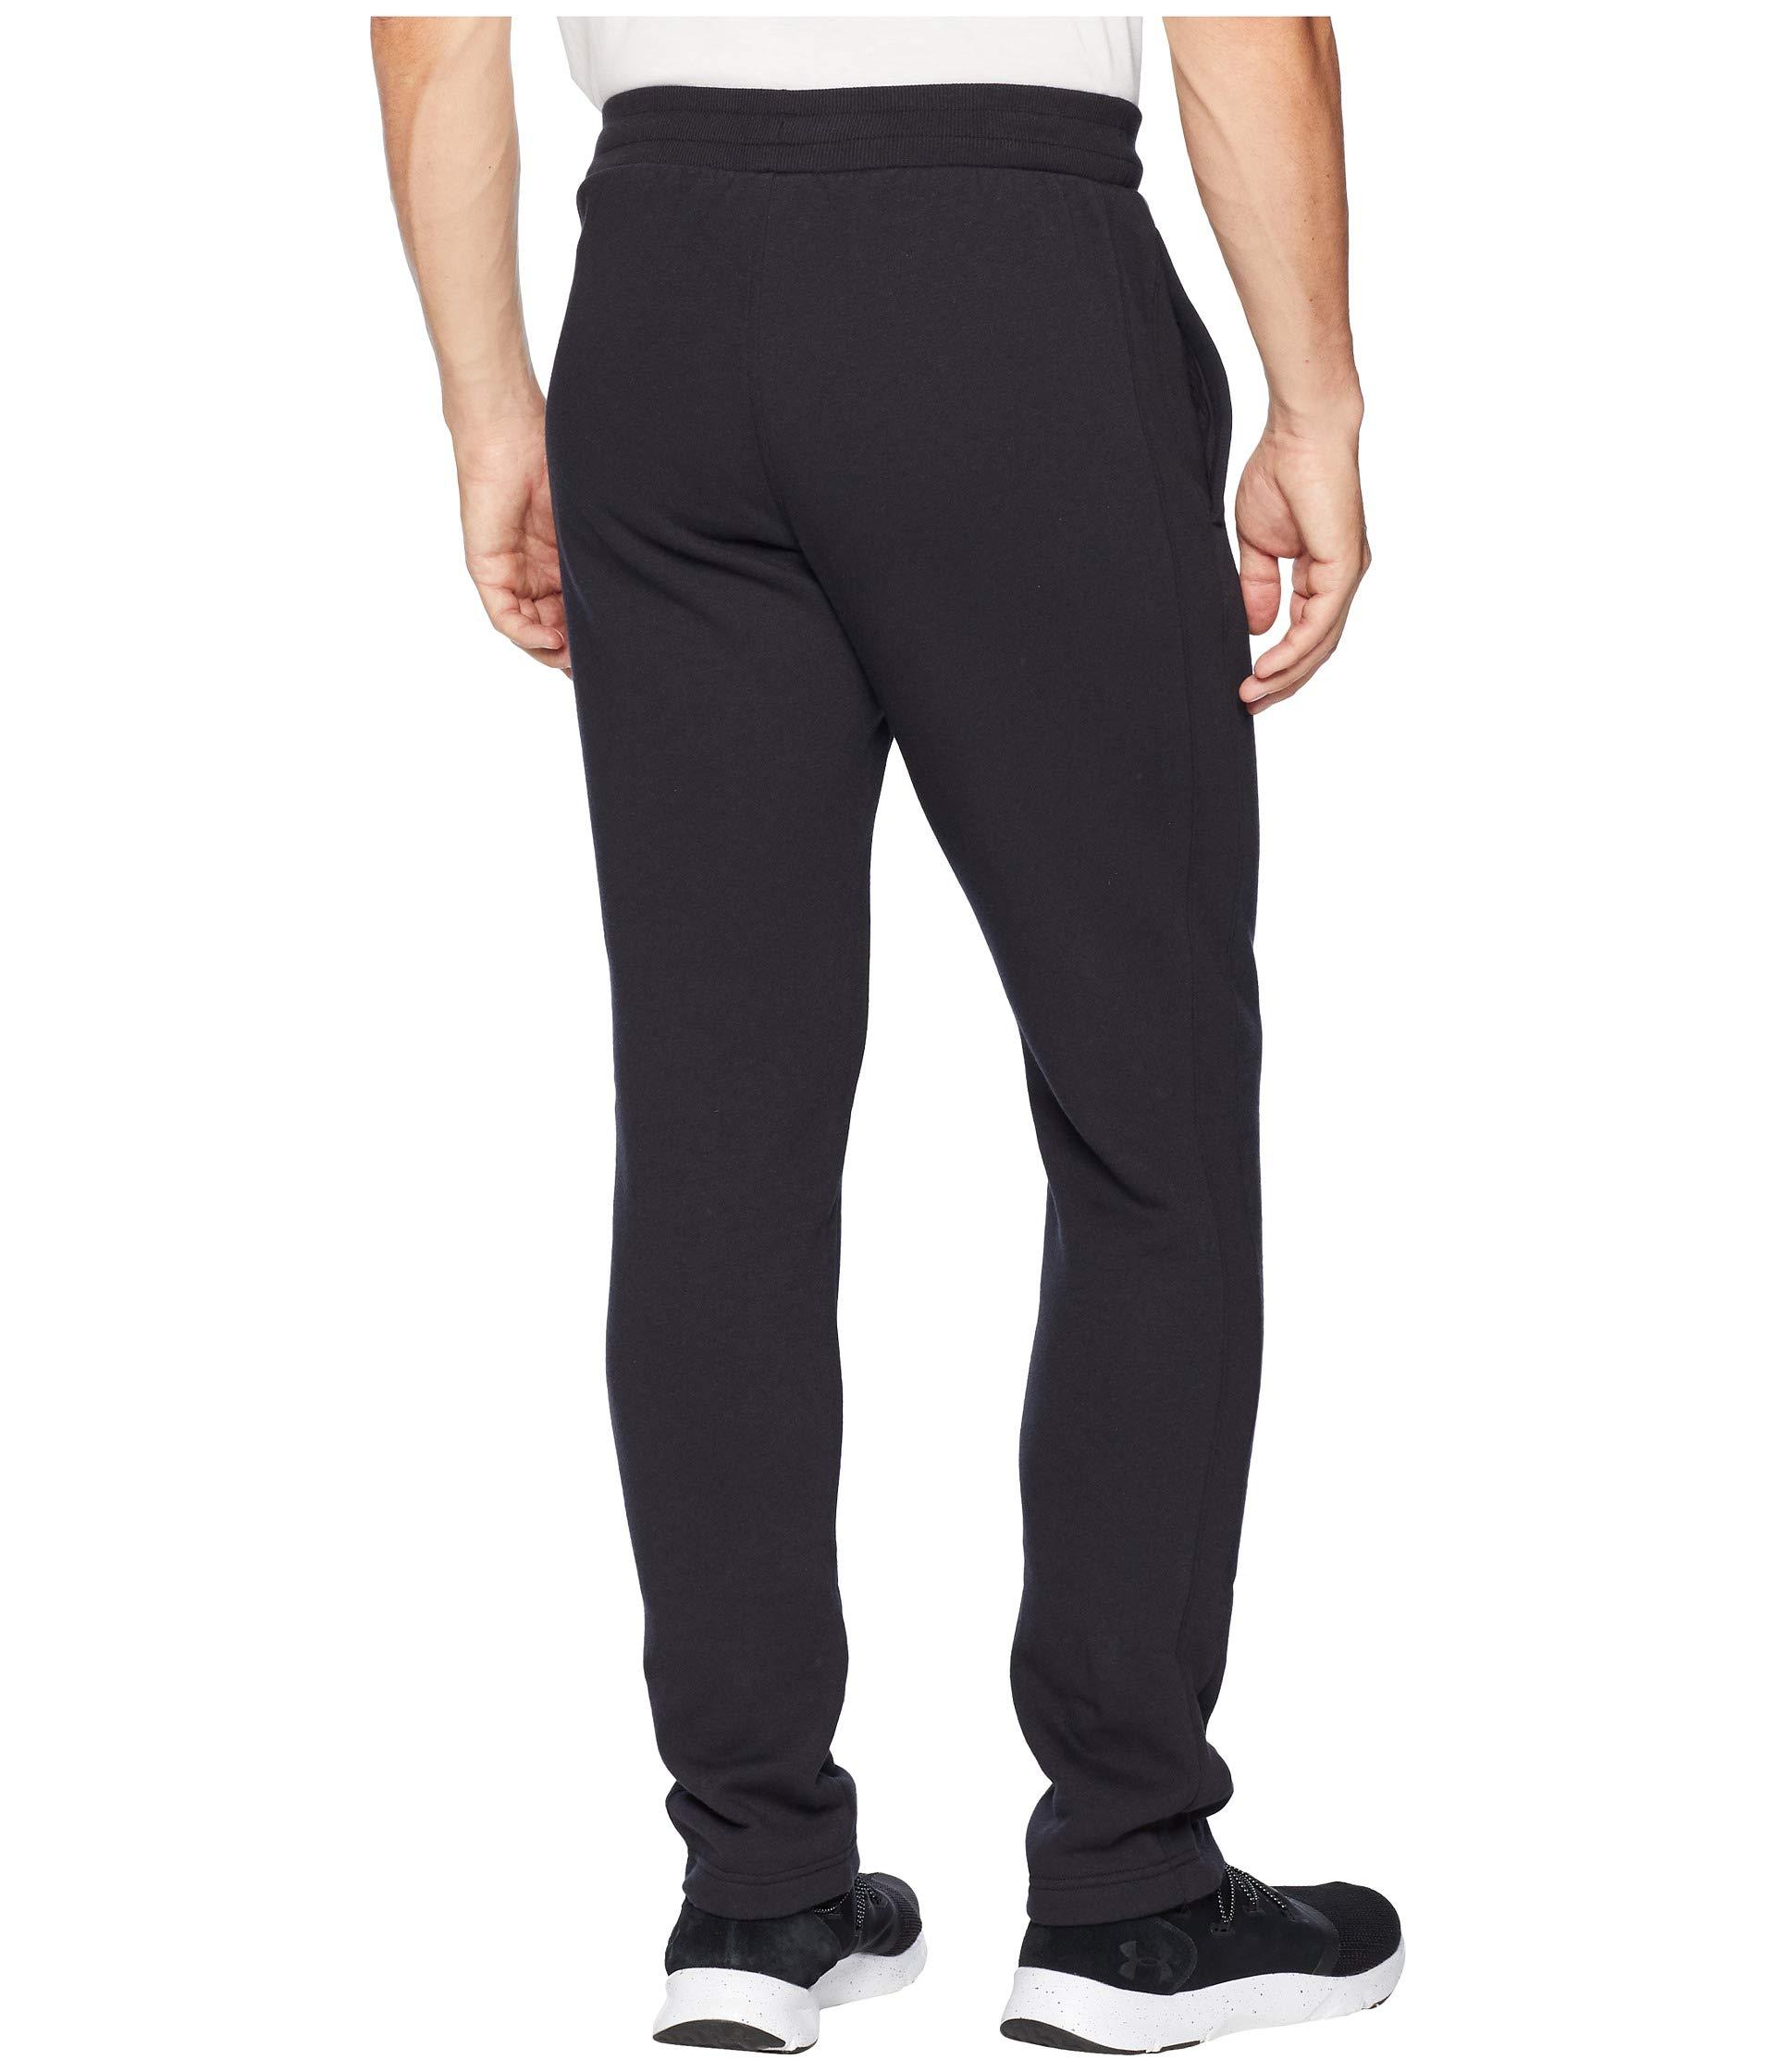 Under Fleece Rival Armour black Black Pants zRqABx1z